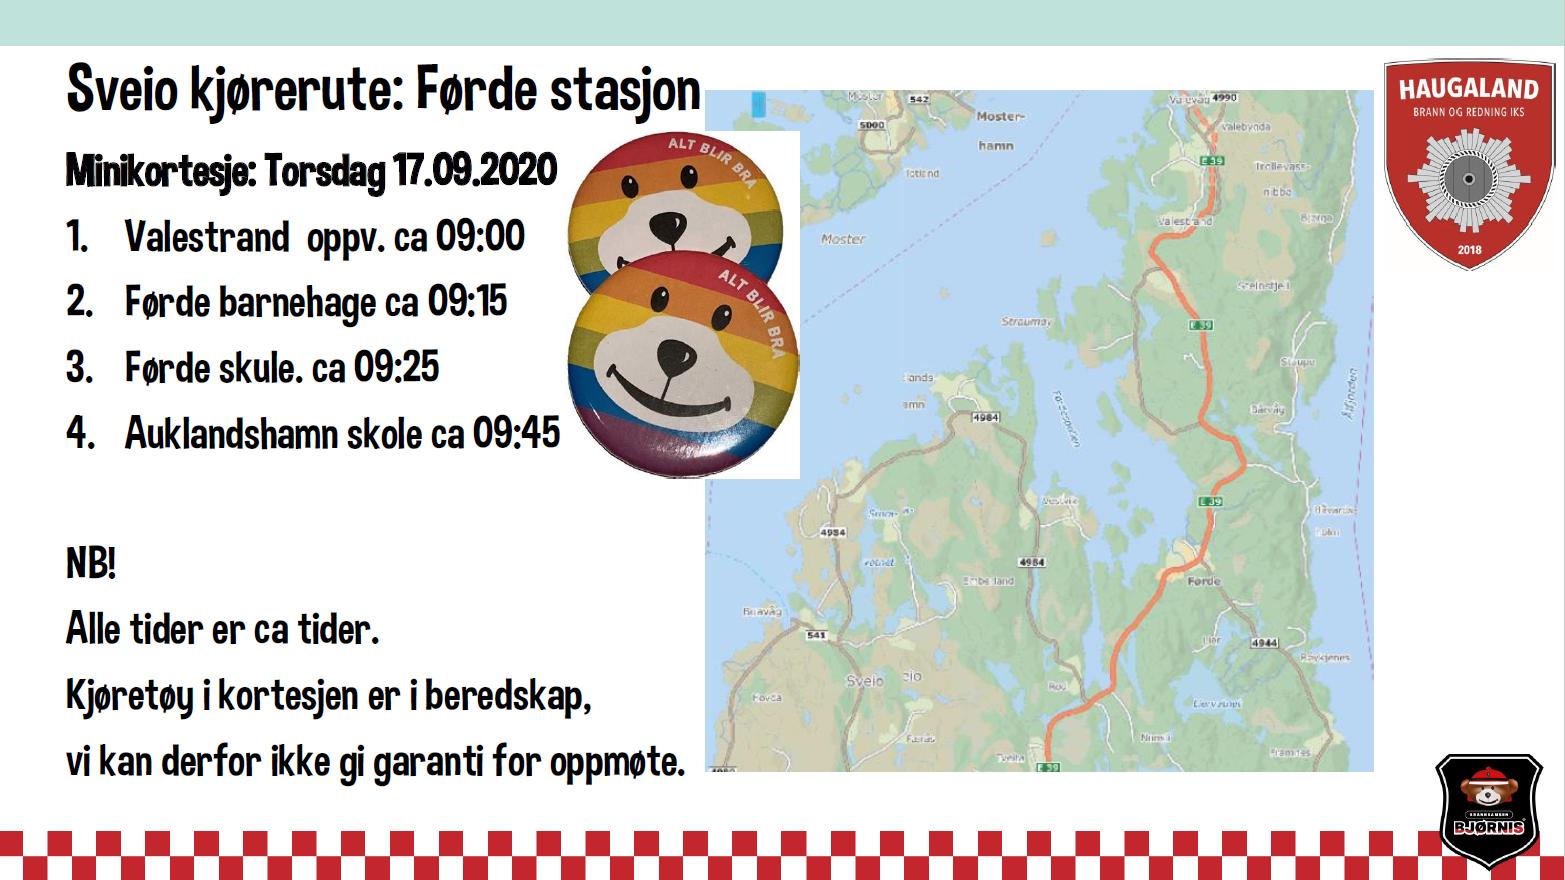 tidspunkt for Førde stasjon